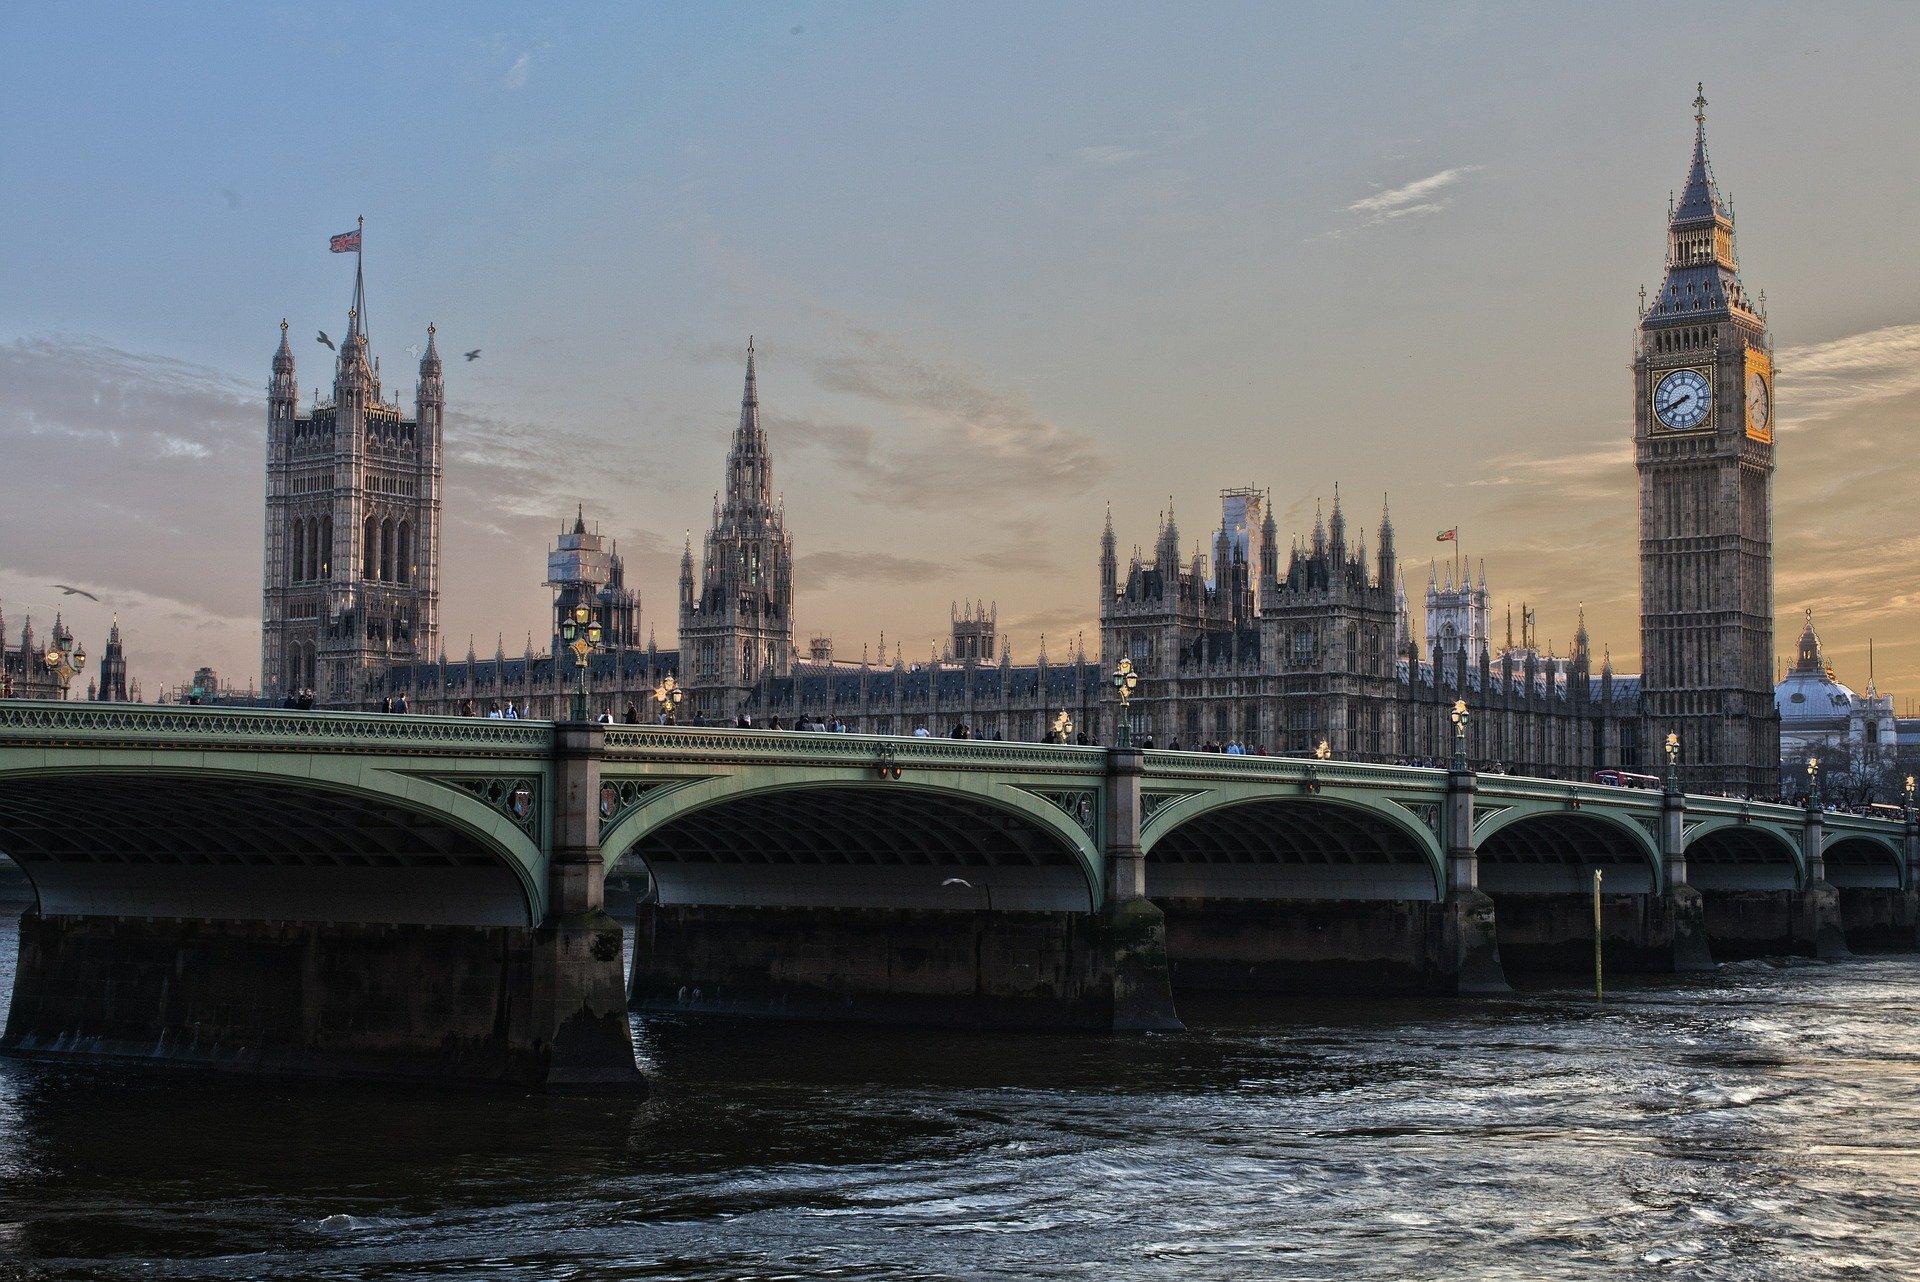 Британское правительство 19 июля отменит основные ограничения покоронавирусу